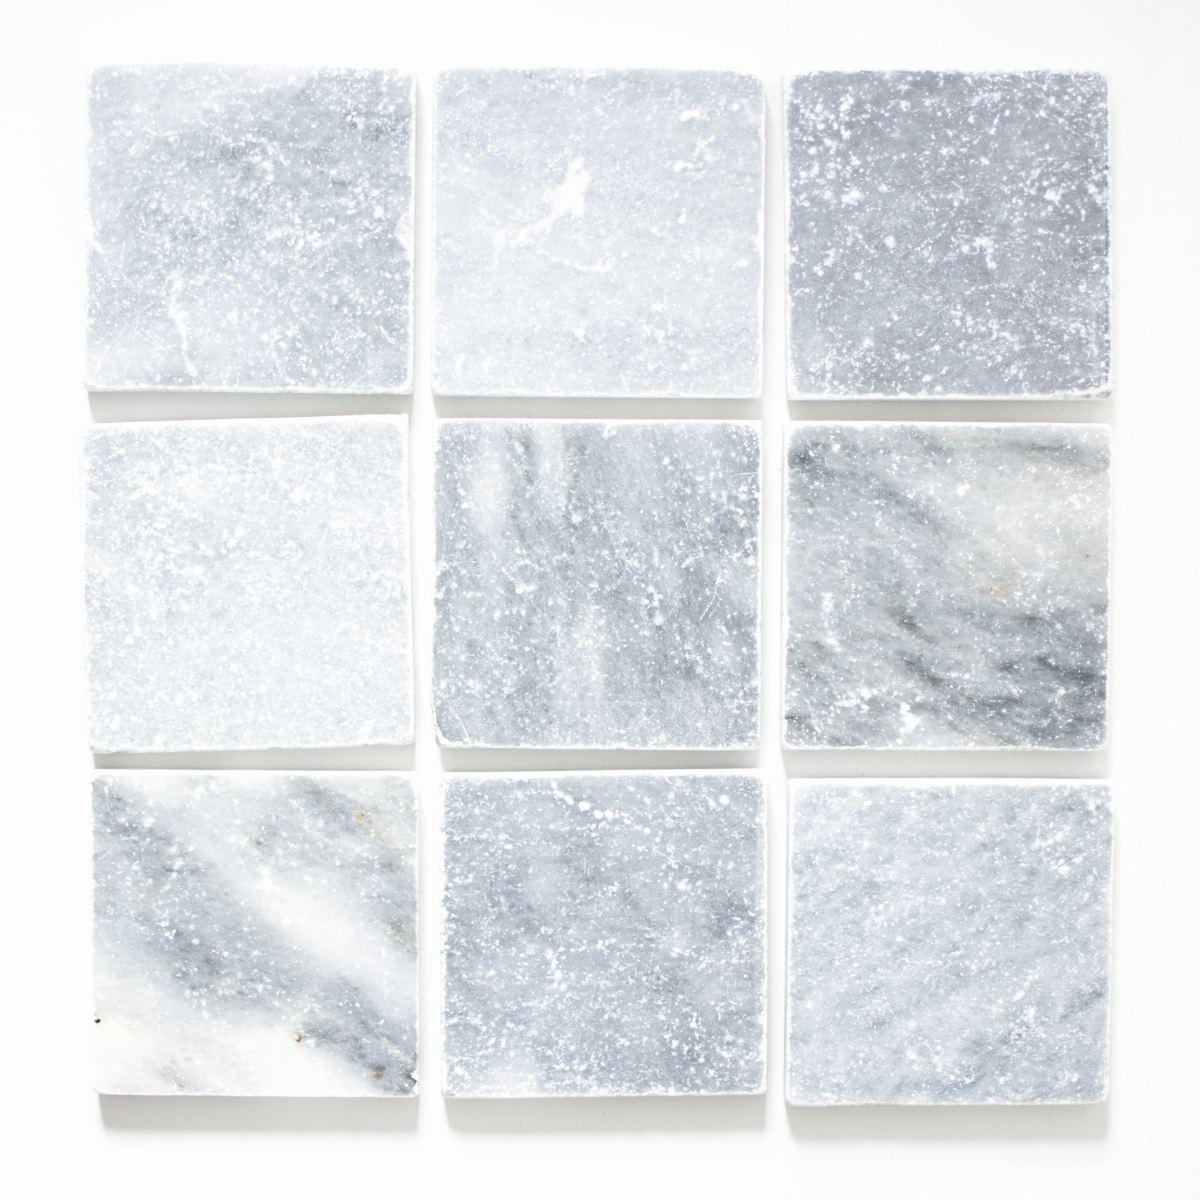 Fliese Bardiglio antique Marble Fliesenspiegel Küche Art F-45-40010   7,4 qm